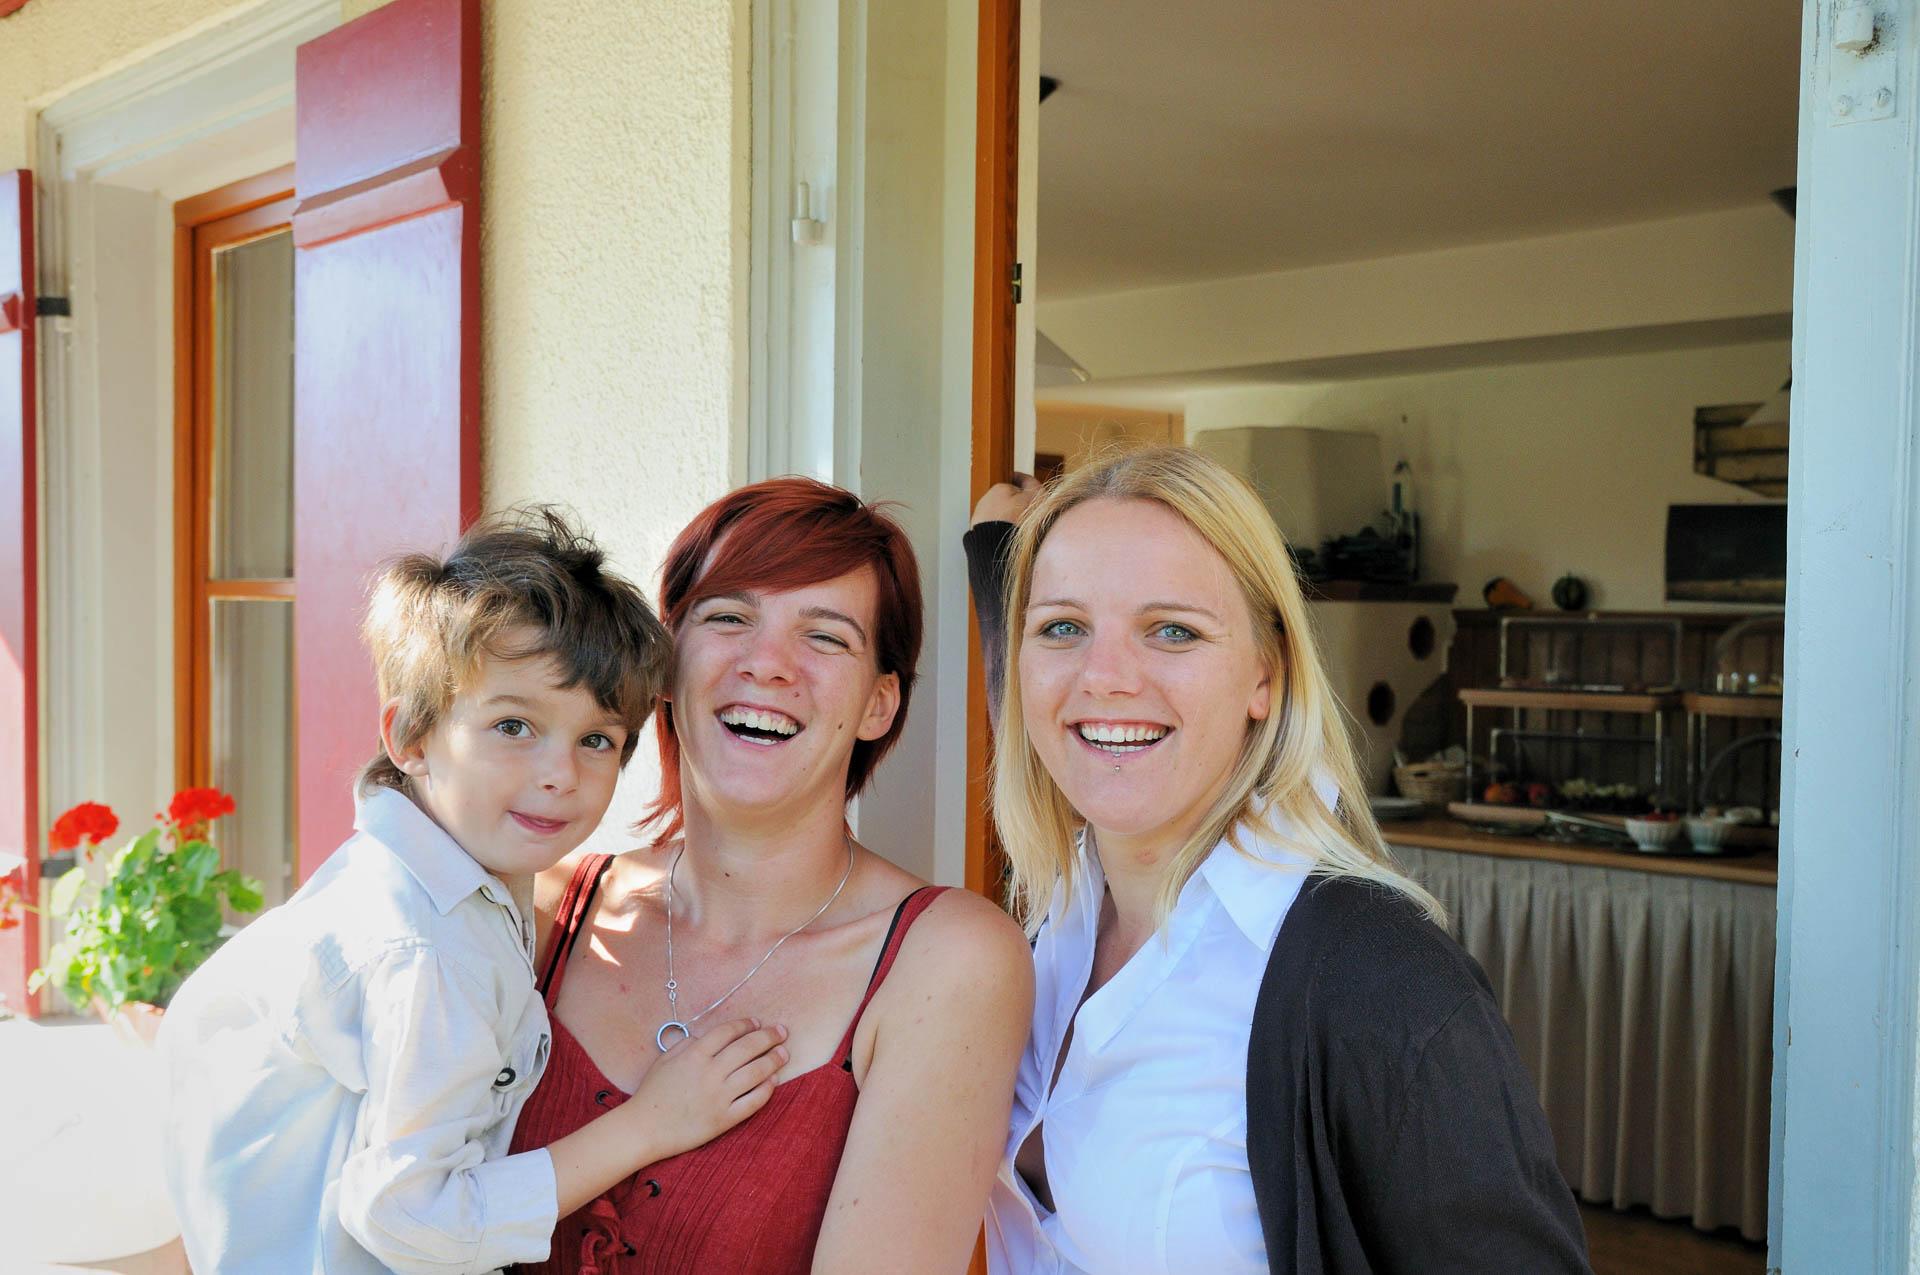 Enkel Anton und die Töchter Franzi und Steffi im Biergarten vor dem Gasthaus Seerose in Nitzenweiler bei Kressbronn am Bodensee